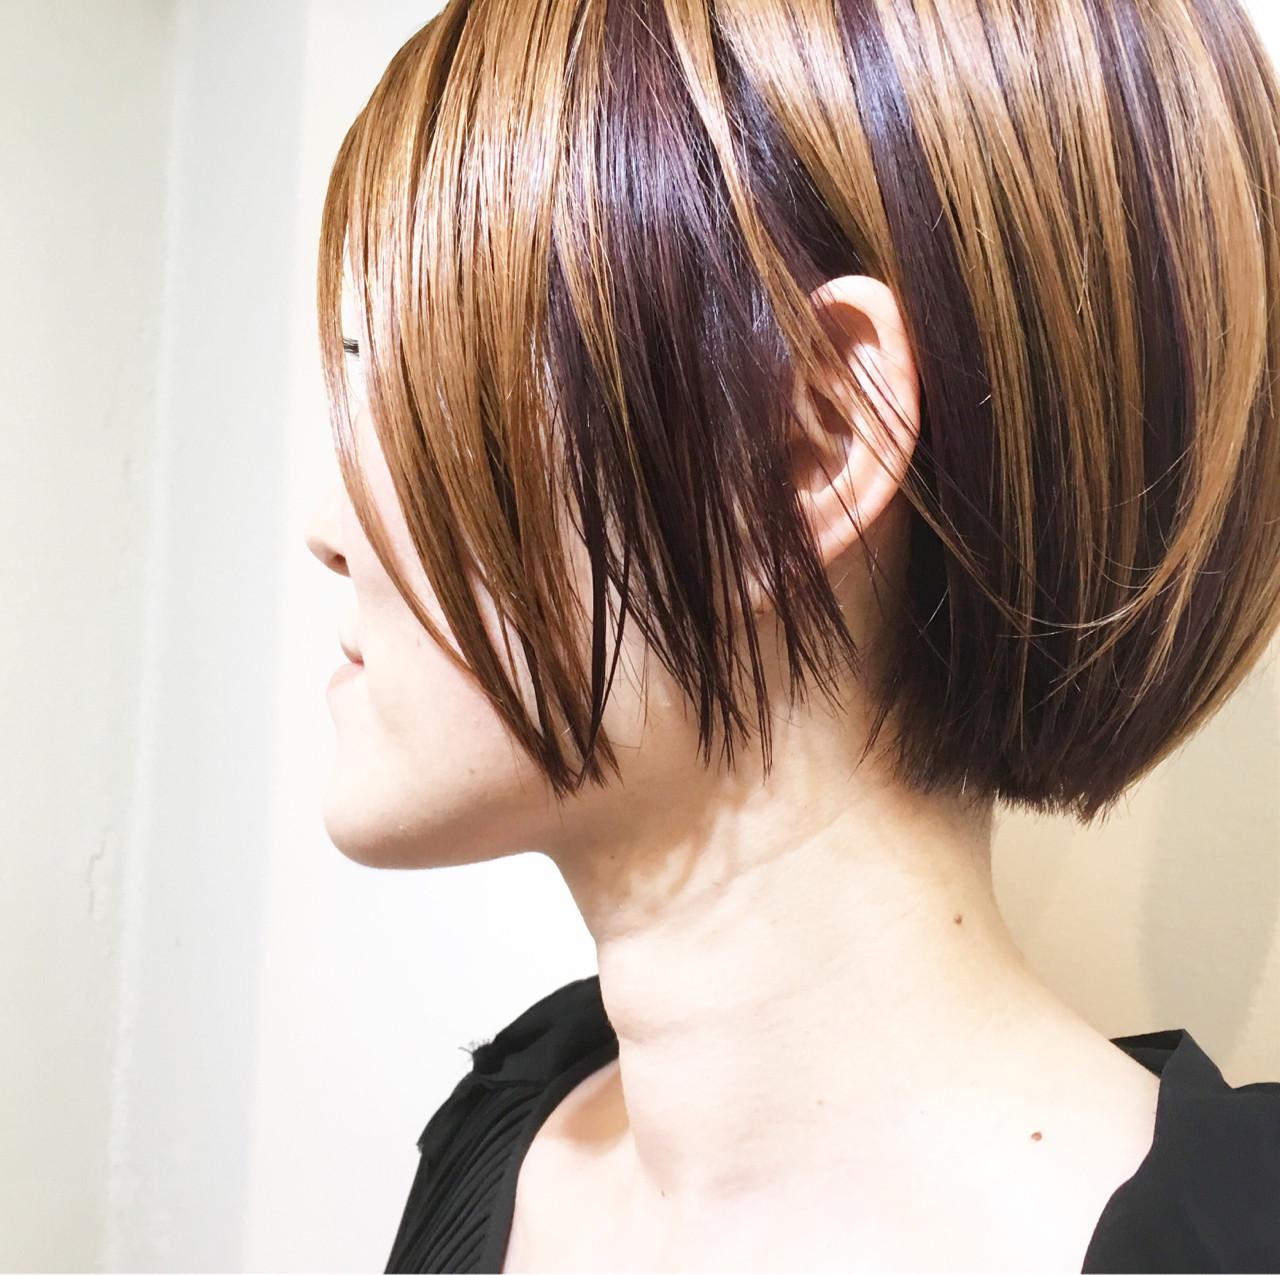 ストリート 簡単ヘアアレンジ ボブ ハイトーン ヘアスタイルや髪型の写真・画像 | COM PASS 太一 / COM PASS